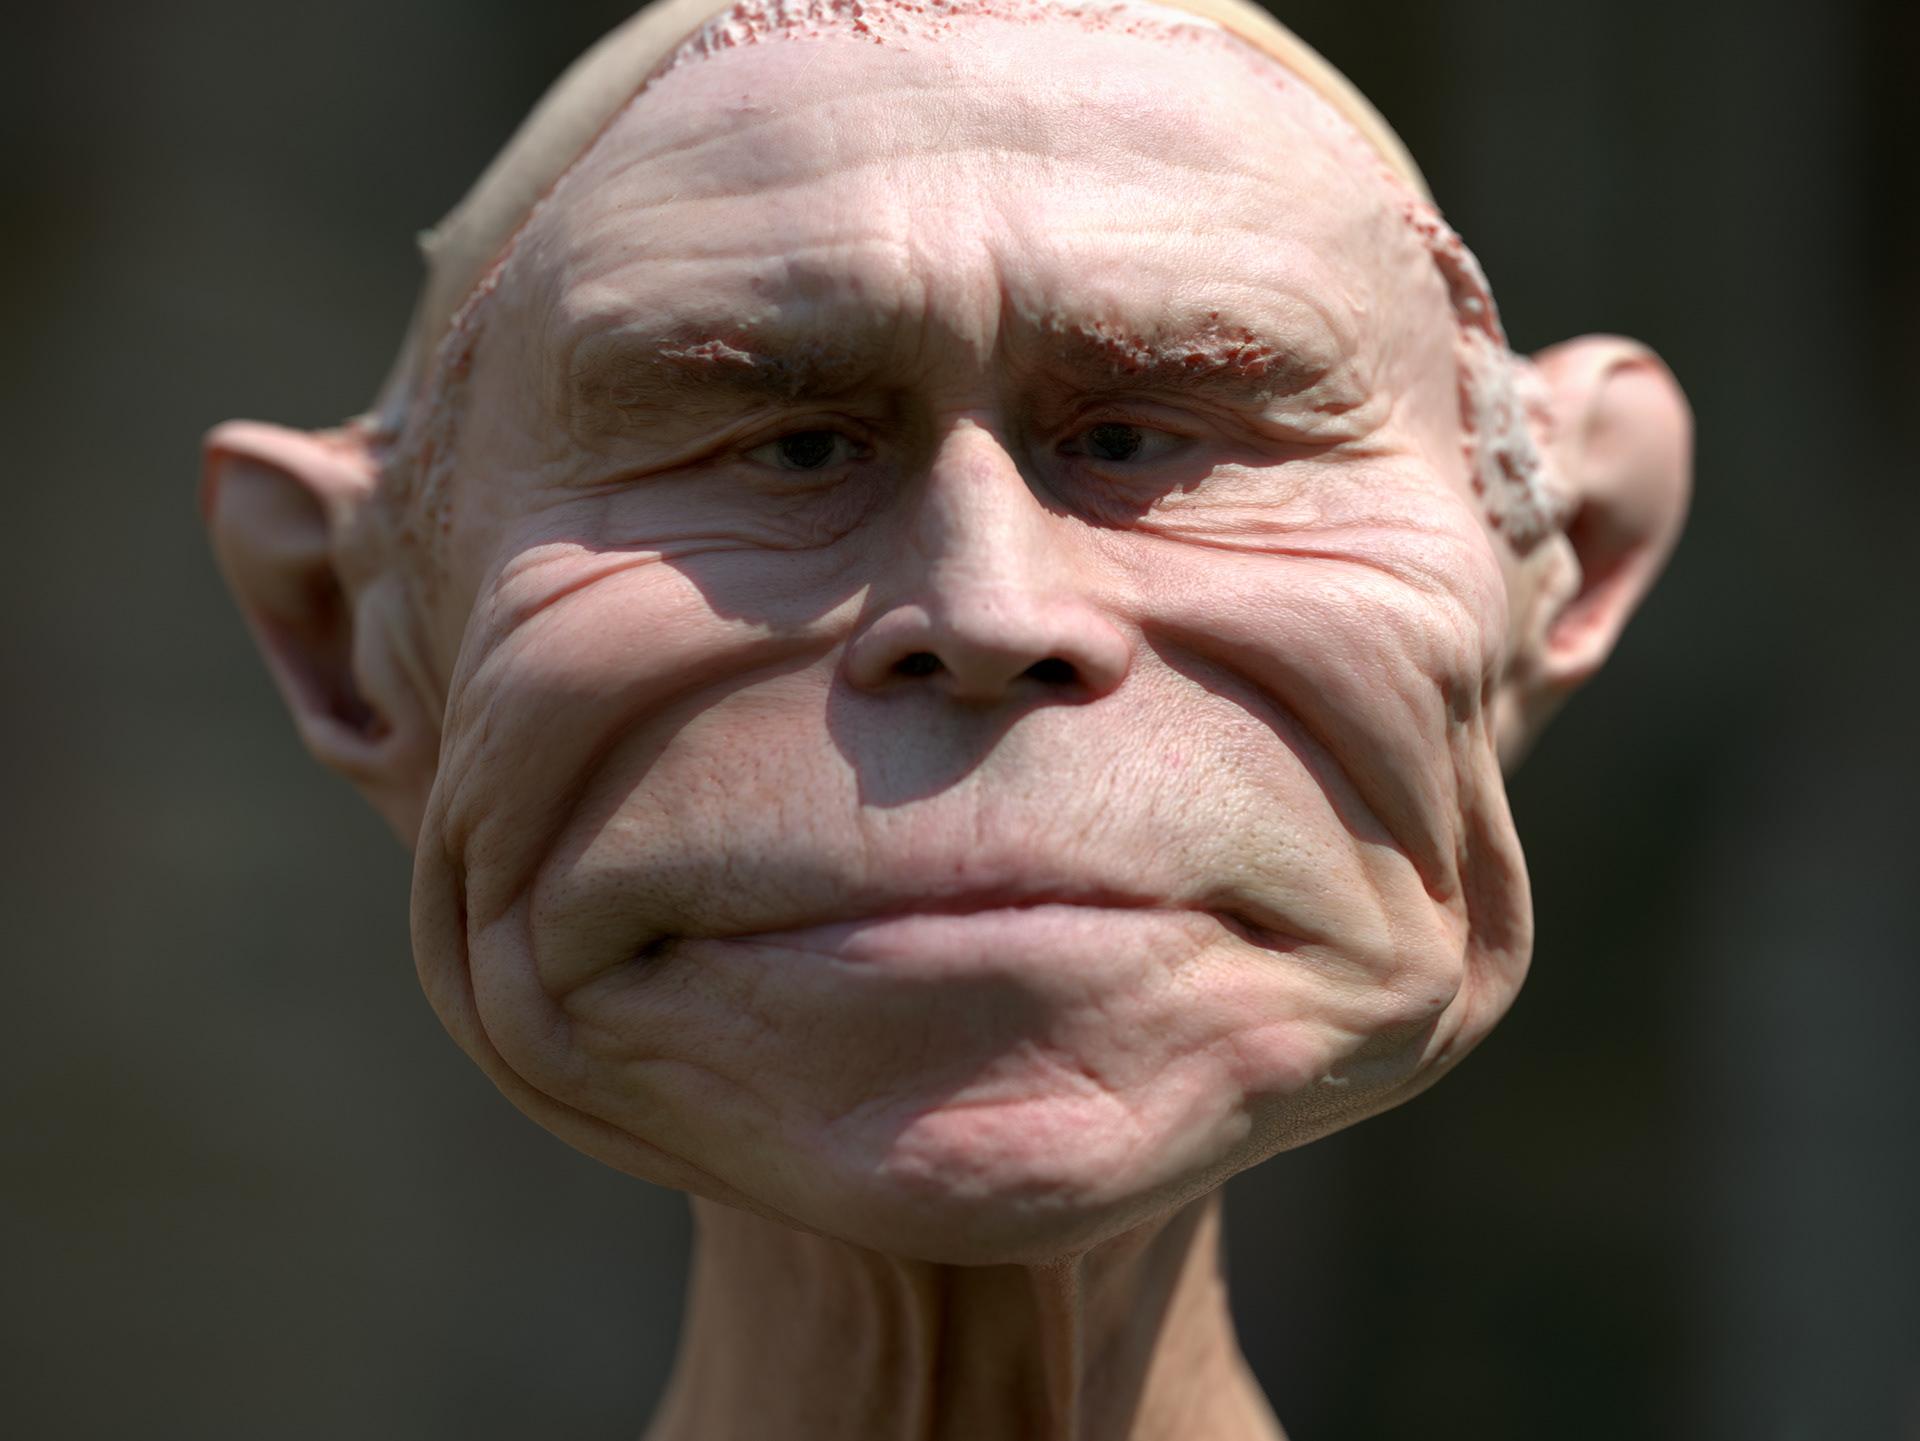 deformed face man - HD1280×1024